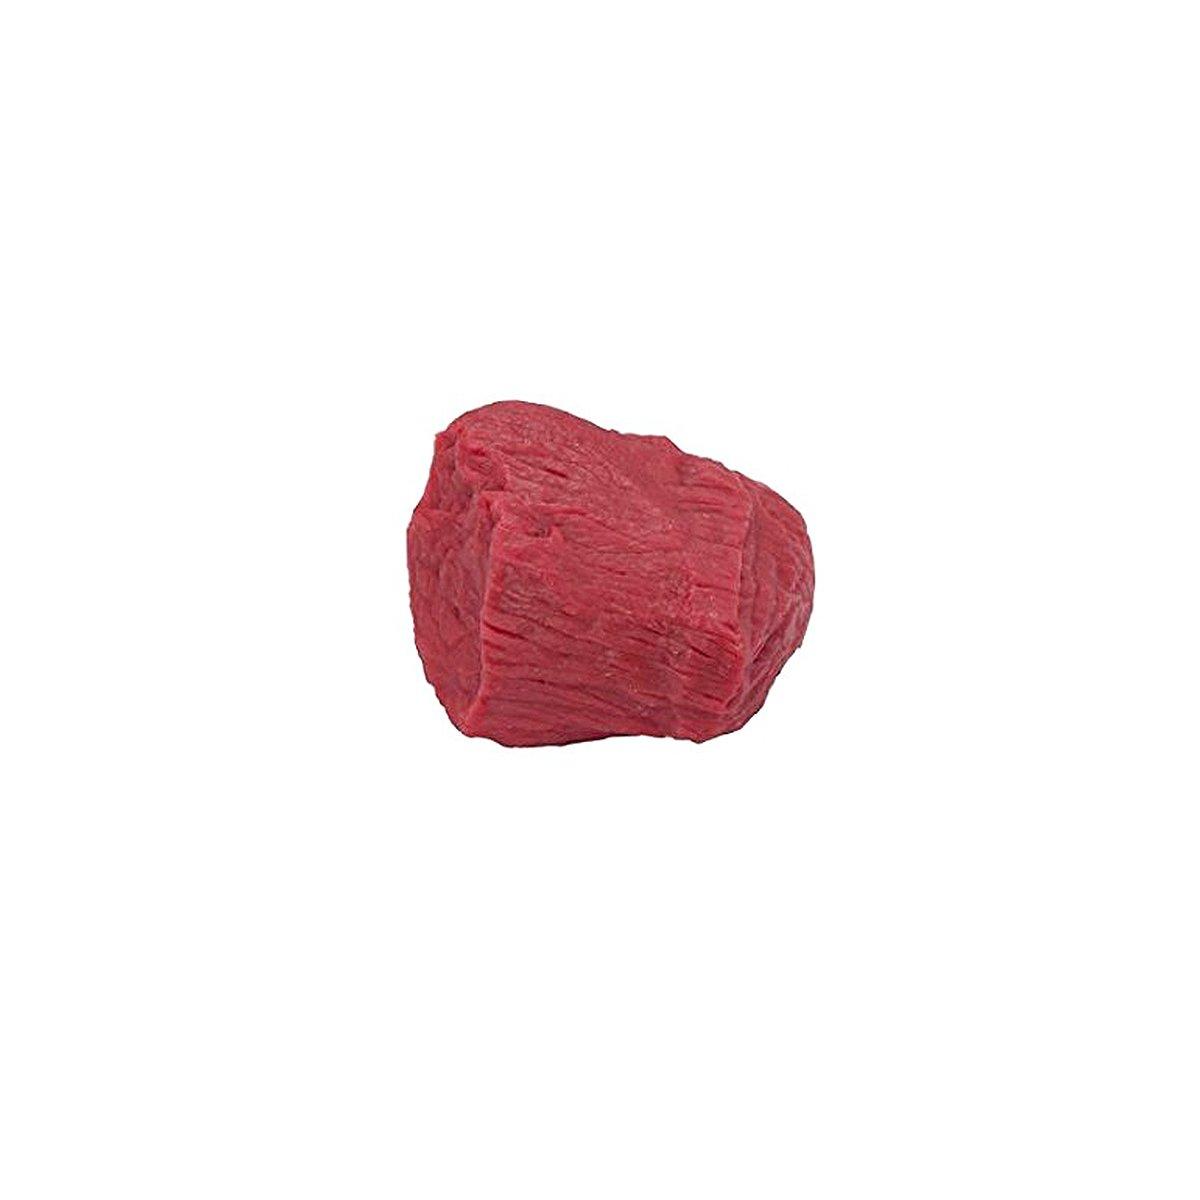 格安販売の Nasco wa14573uライフ/フォーム本体1ポンドの筋肉のレプリカ Nasco B0083Y0LCW B0083Y0LCW, クラフトモンキー:ed0ae53c --- a0267596.xsph.ru